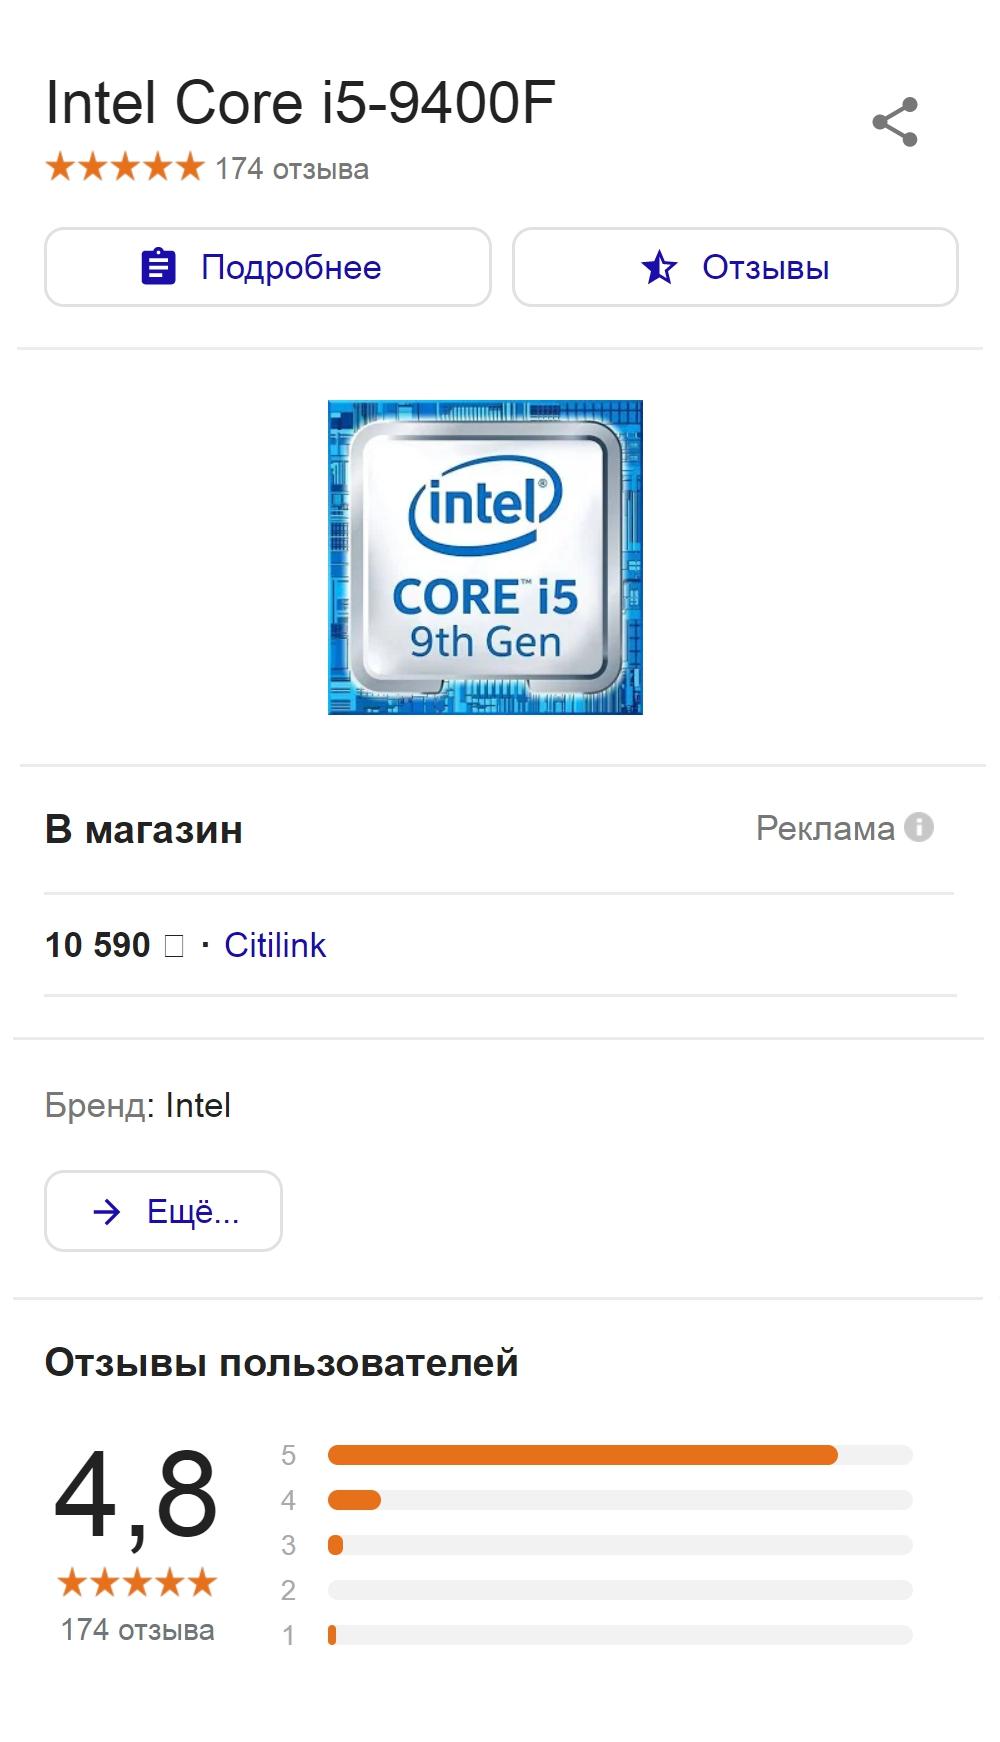 Примерные цены на мой процессор в разных интернет-магазинах